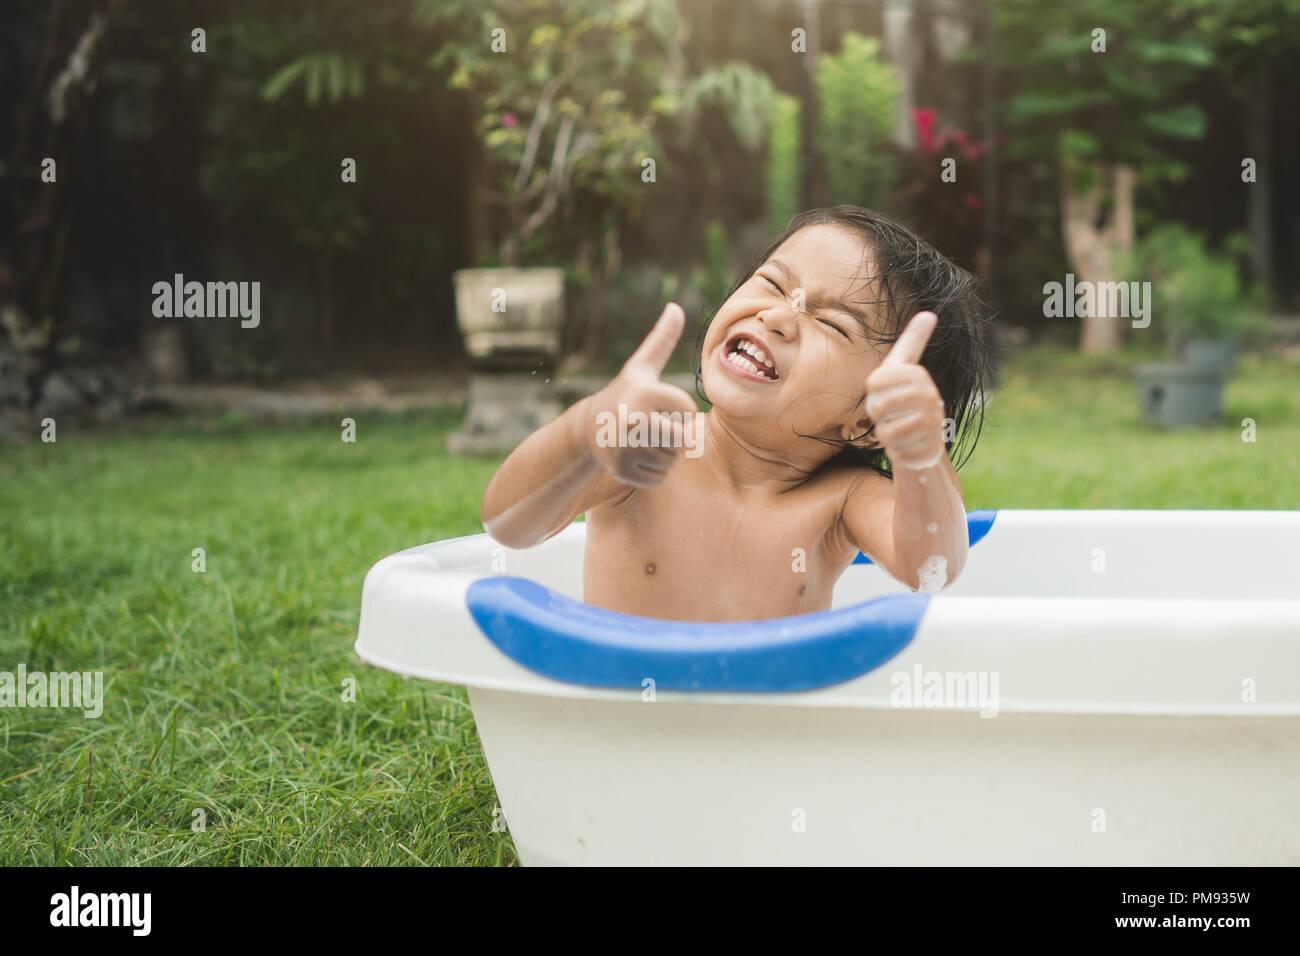 Vasca Da Bagno Per Neonati : Felice bellissima bambina di prendere un bagno in una vasca da bagno